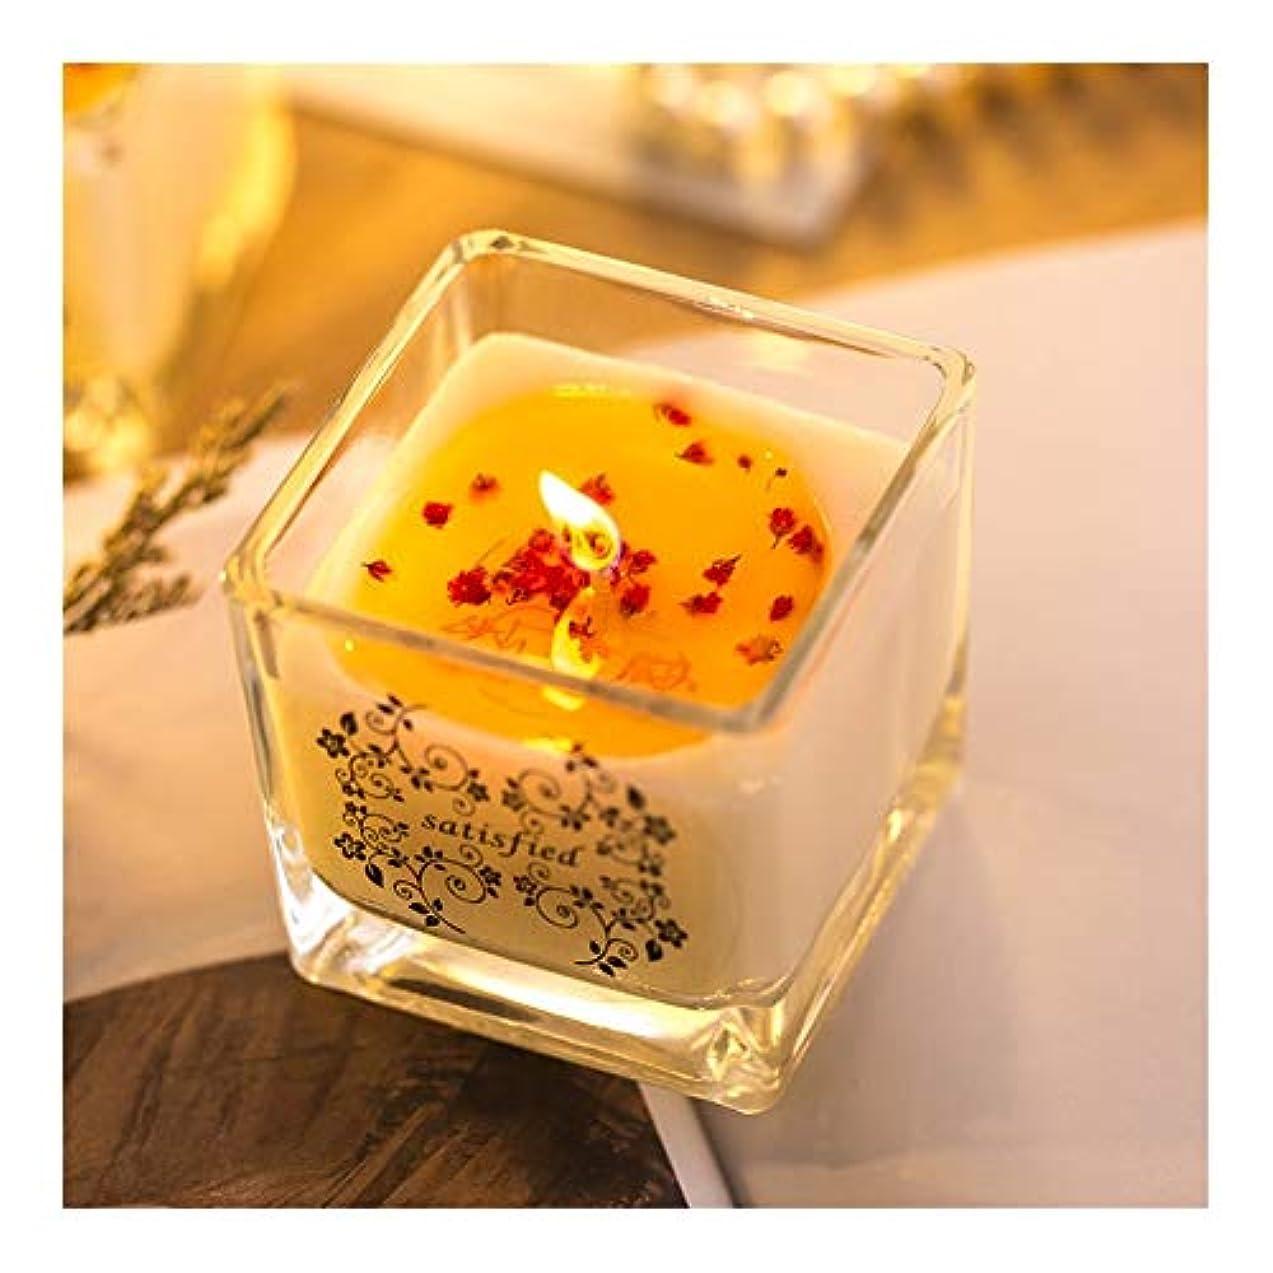 邪悪な落花生実験的Guomao 手作りアロマセラピー大豆キャンドルロマンチックな結婚結婚ガラスの花びら輸入無煙エッセンシャルオイルキャンドル卸売 (色 : Lavender)